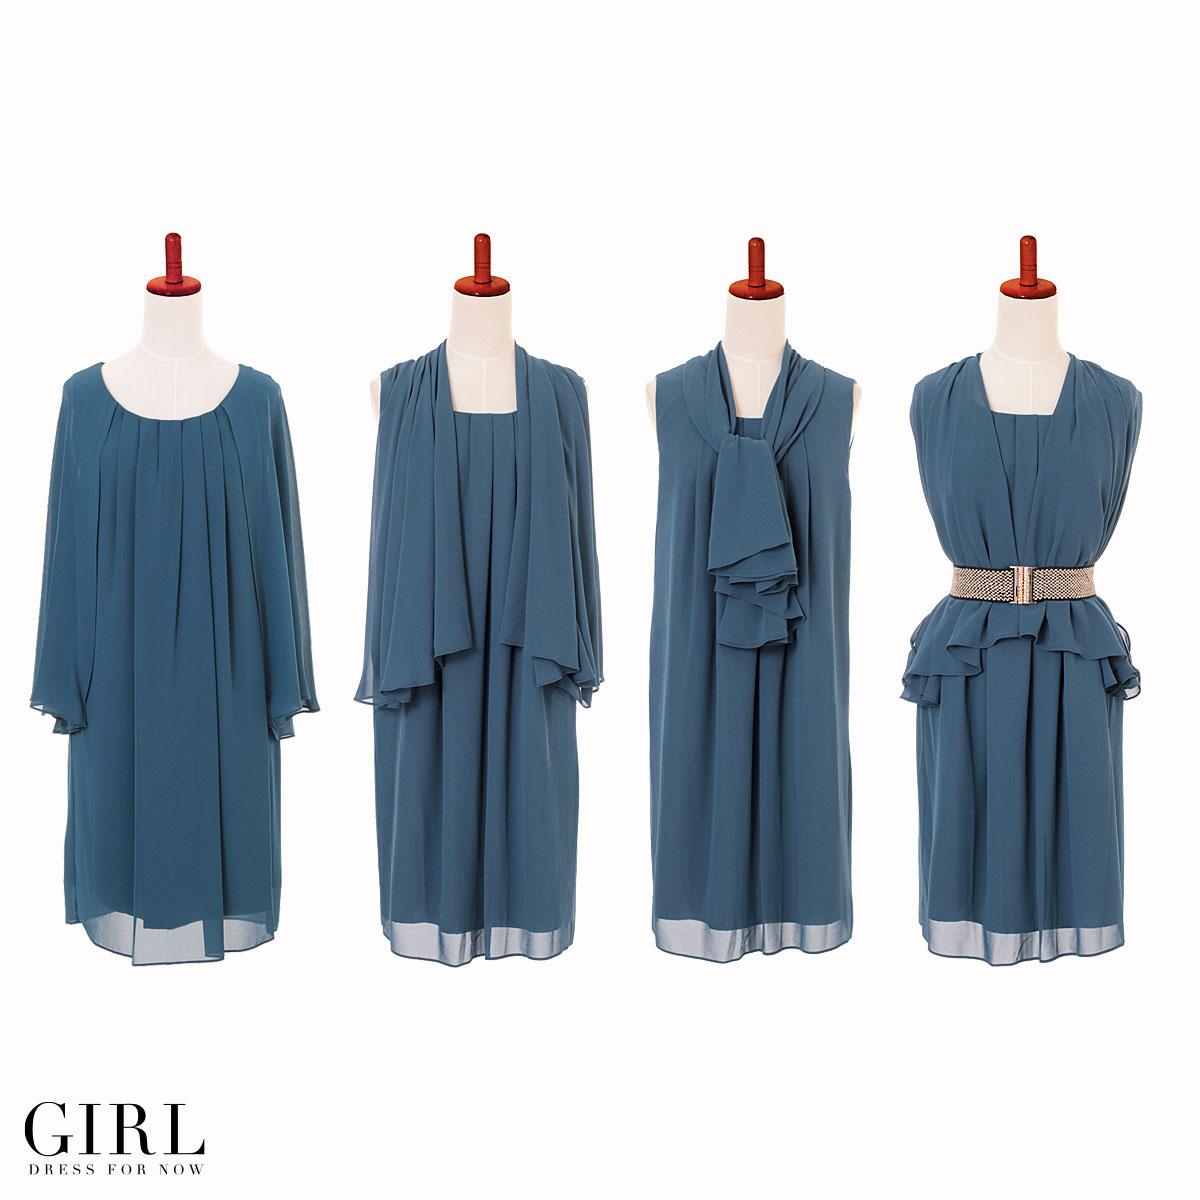 Dress shop GIRL | Rakuten Global Market: Party dress one piece ...